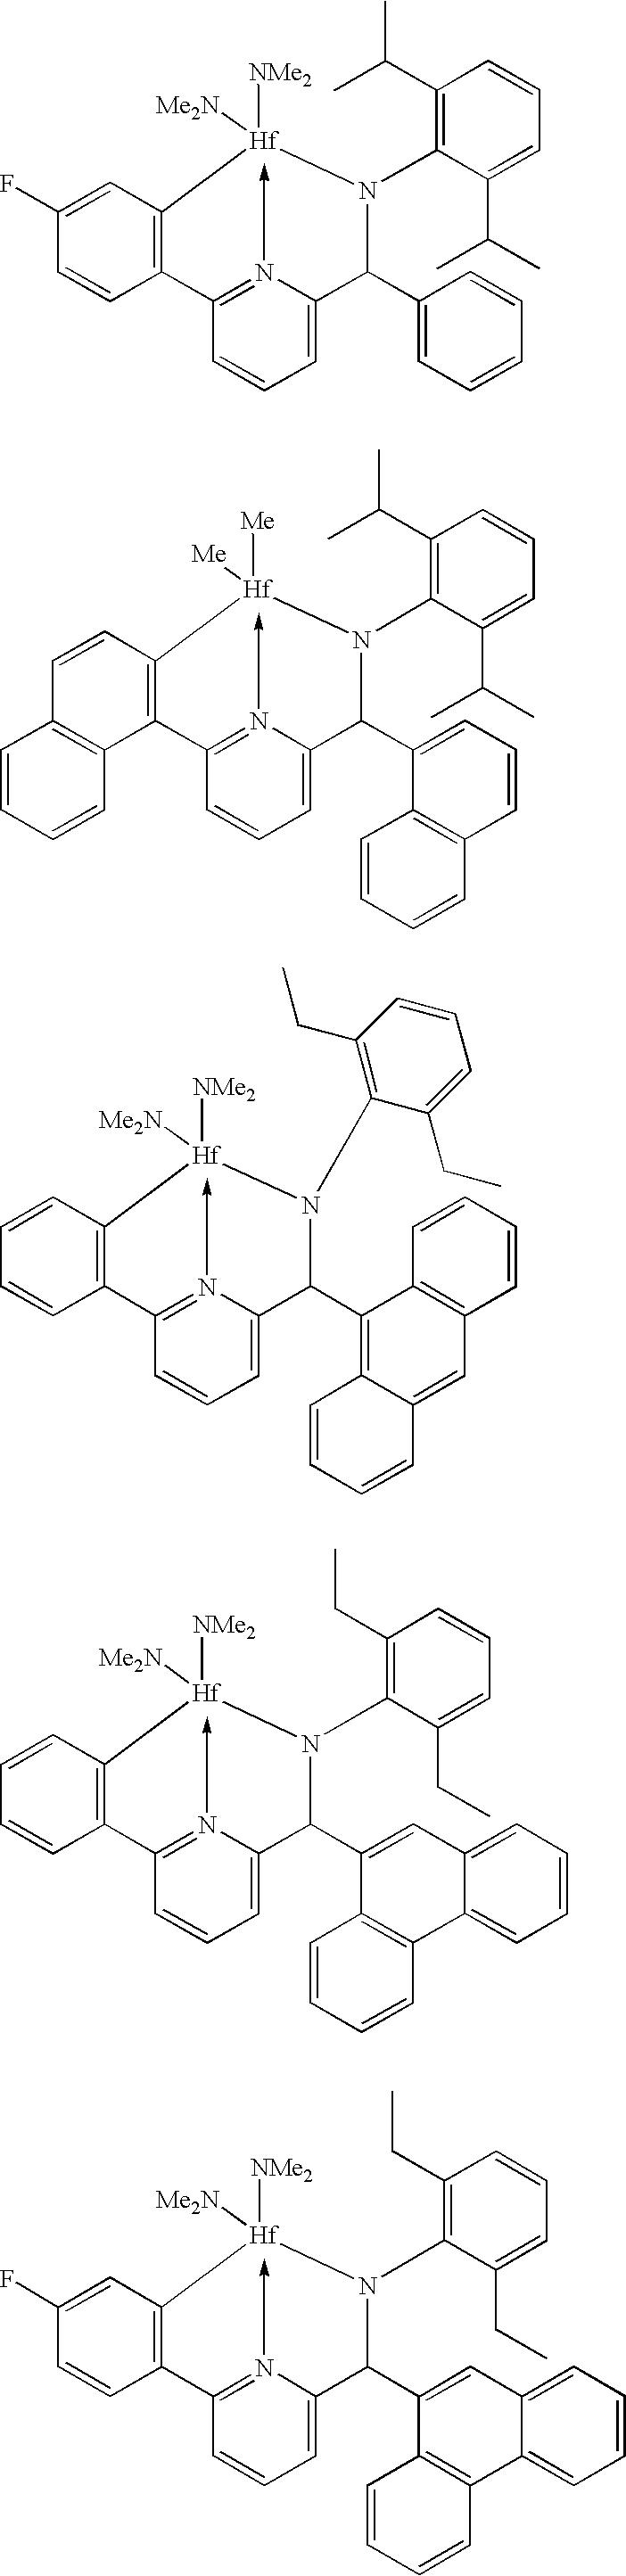 Figure US06900321-20050531-C00069